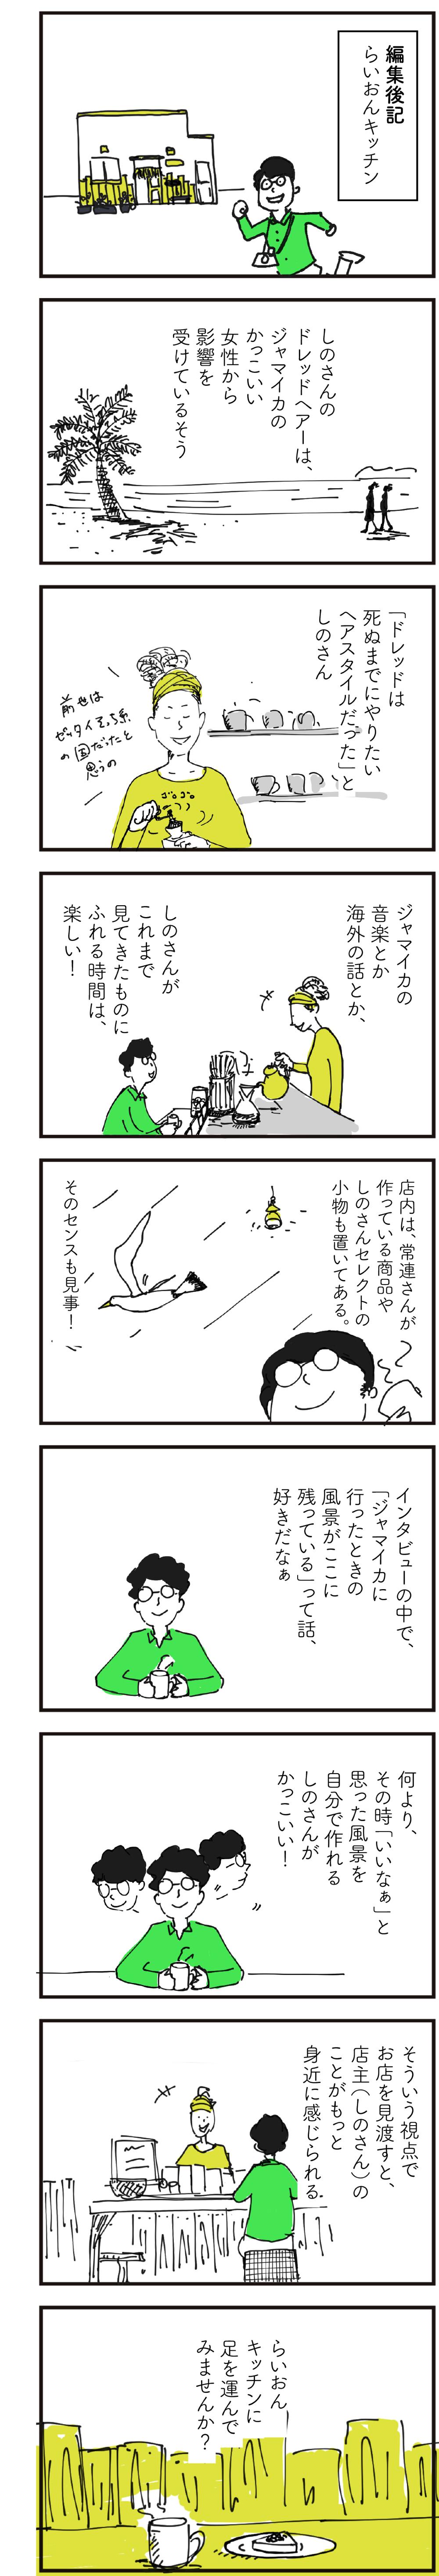 0044 copy